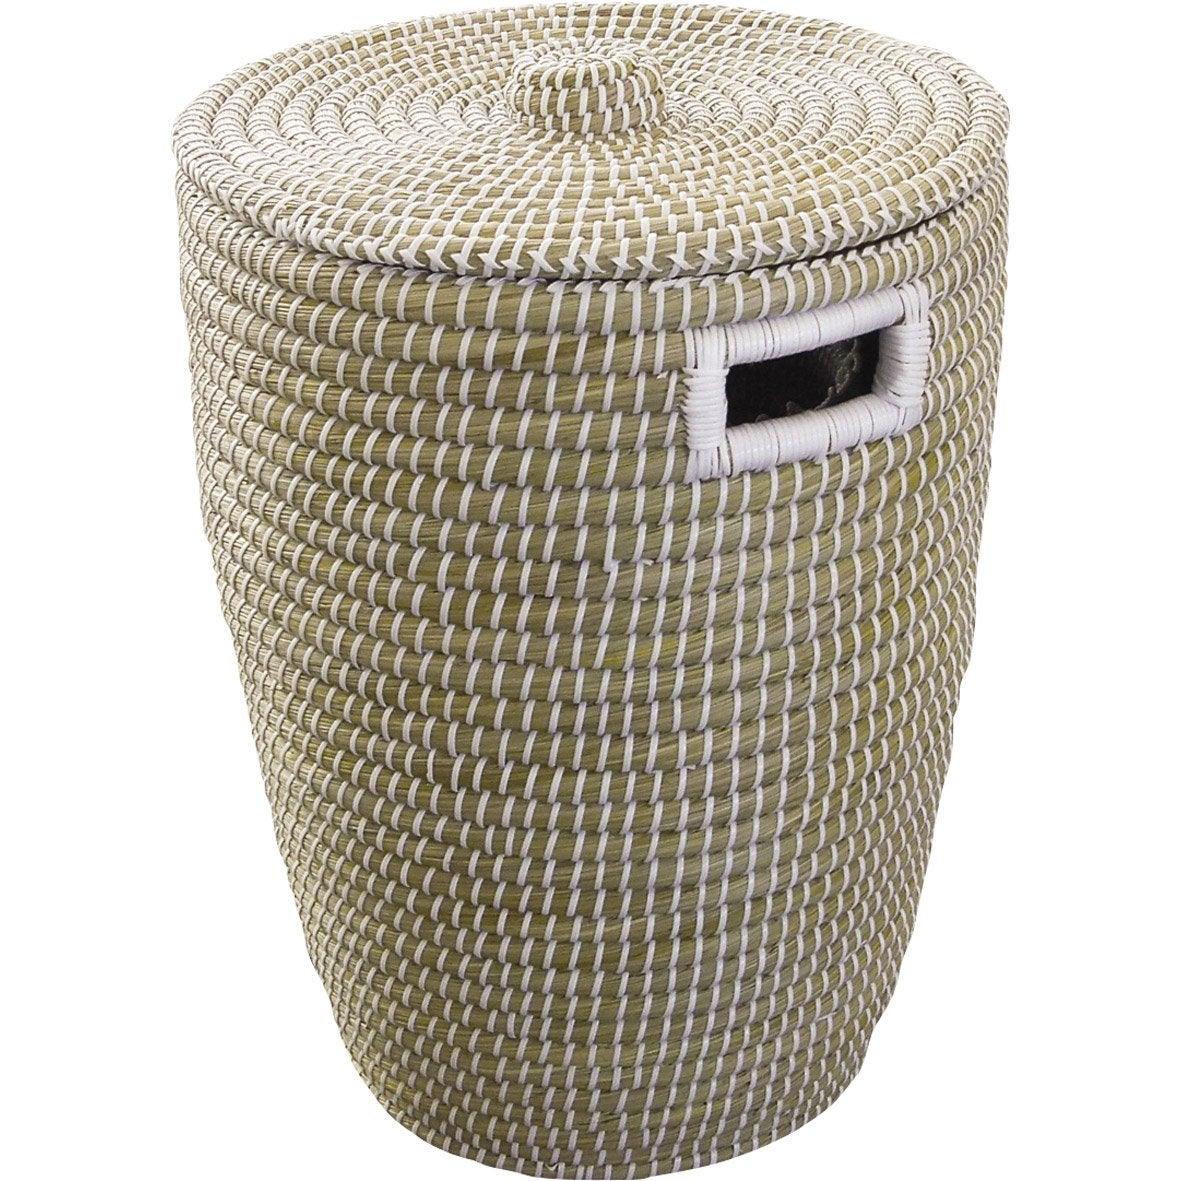 Panier à linge fibre végétale Phuket, naturel, l.40 x H.52 x P.40 cm